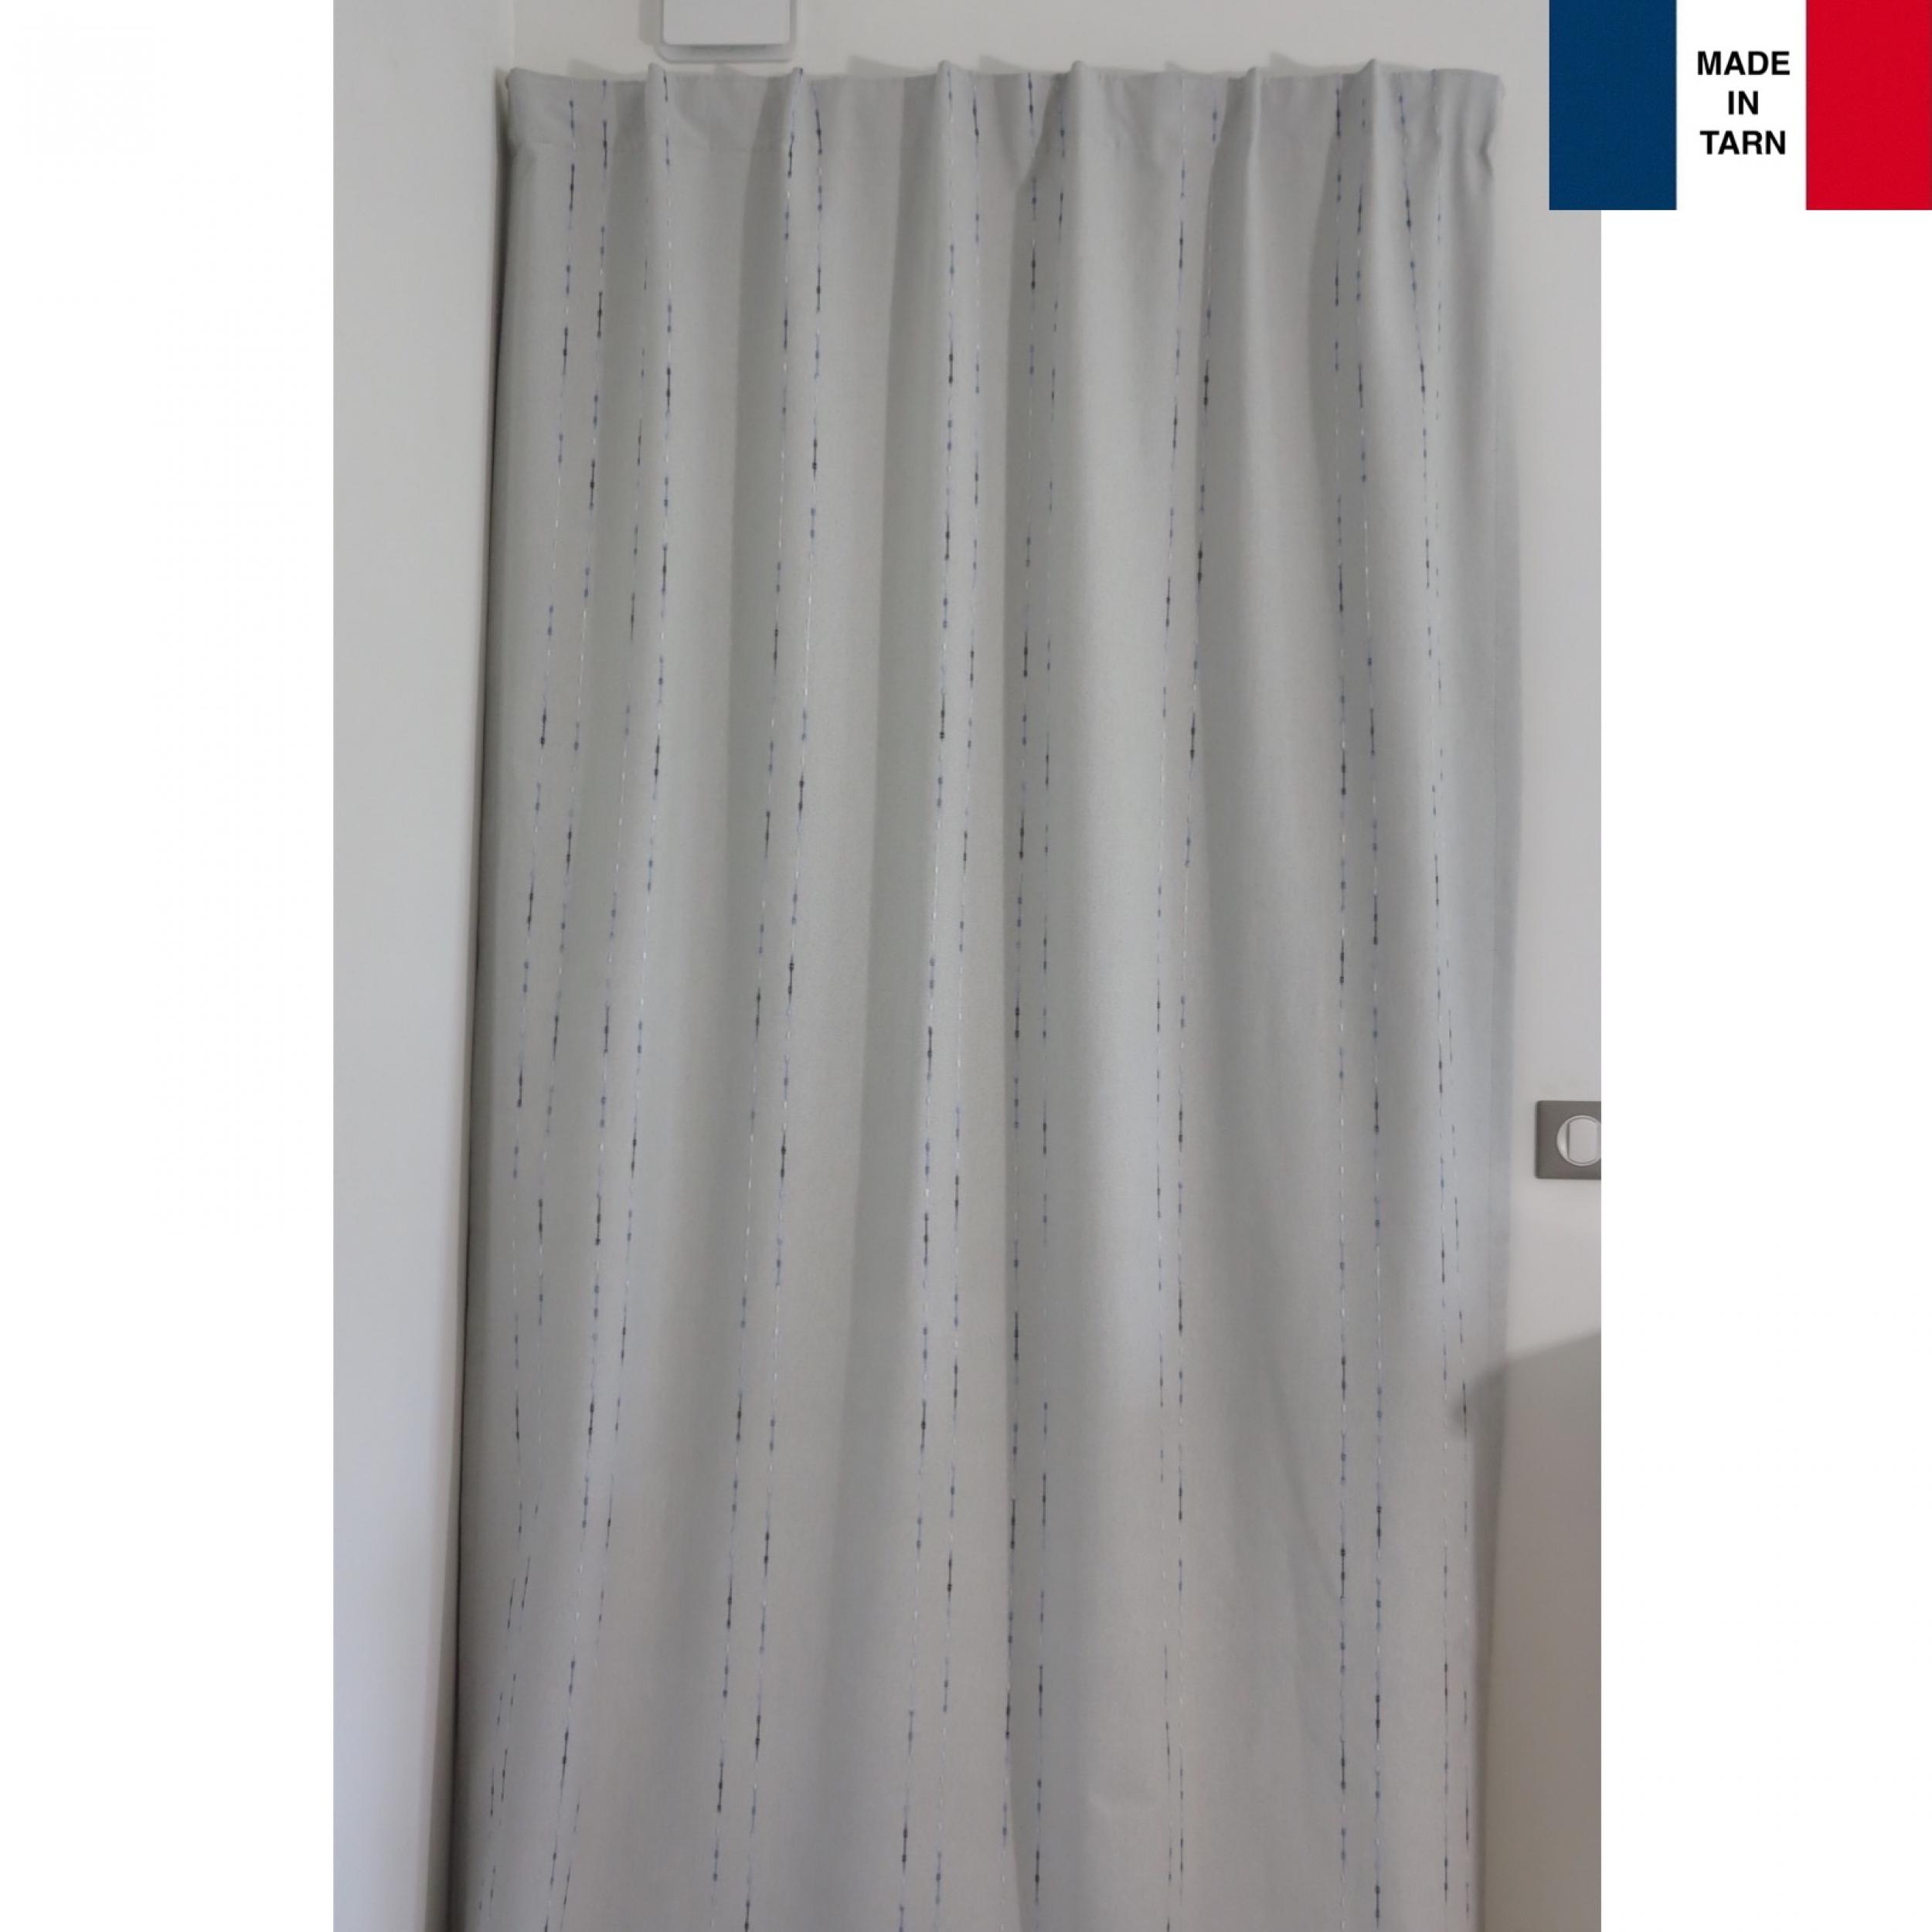 rideaux ruflette isolant thermique notus couleur gris et bleu pour tringle porti re 138 x 235 cm. Black Bedroom Furniture Sets. Home Design Ideas